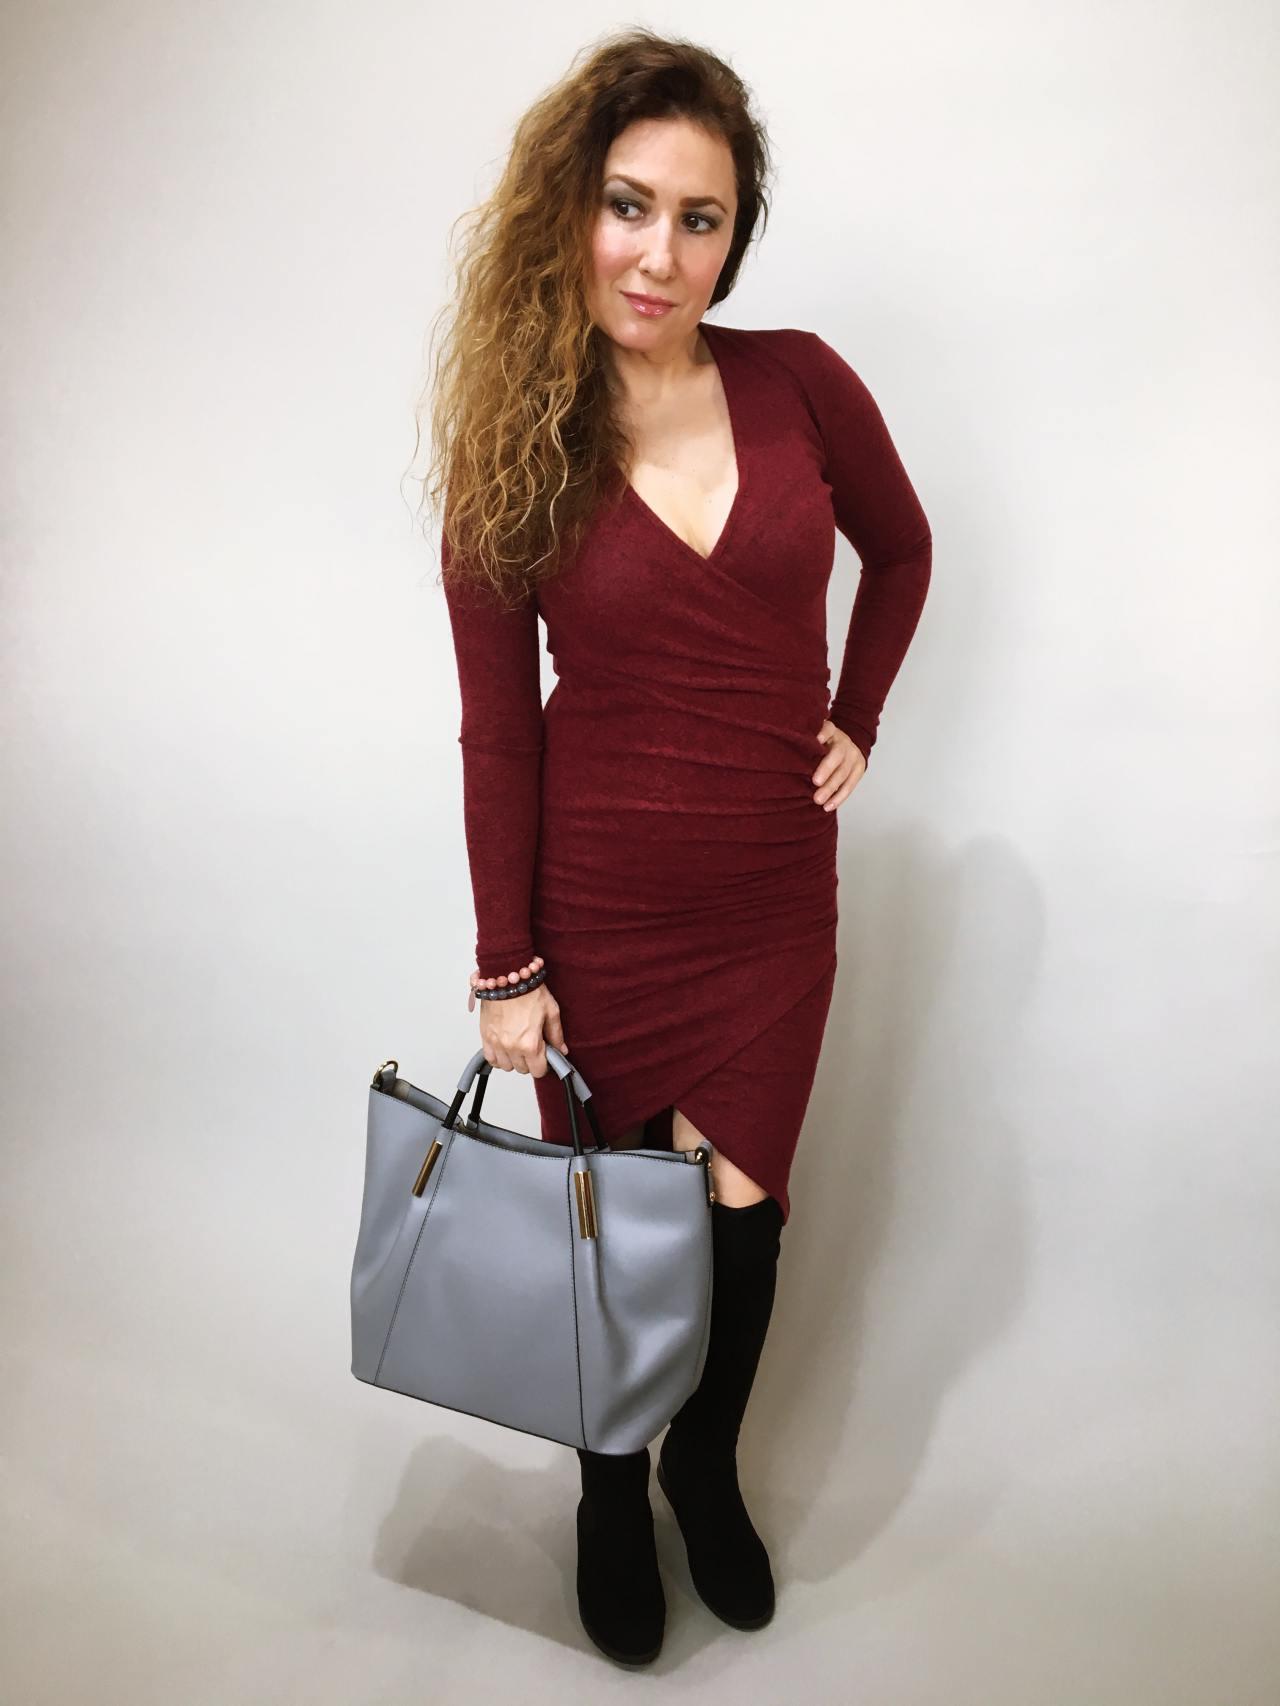 Šaty Lisa bordó 01